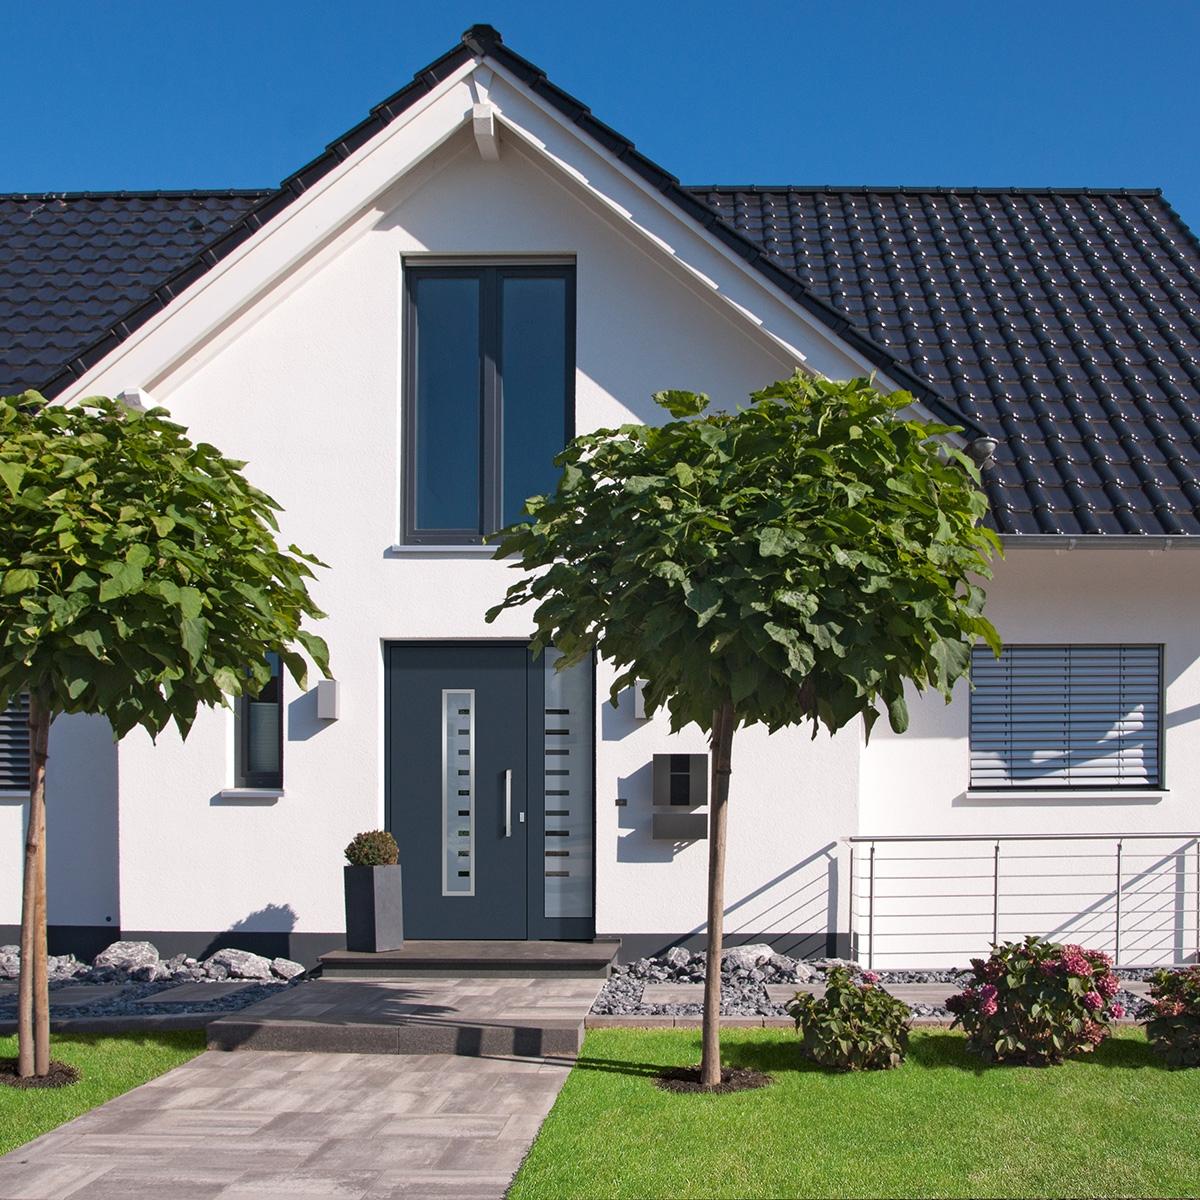 Glasdachs-Haustüren